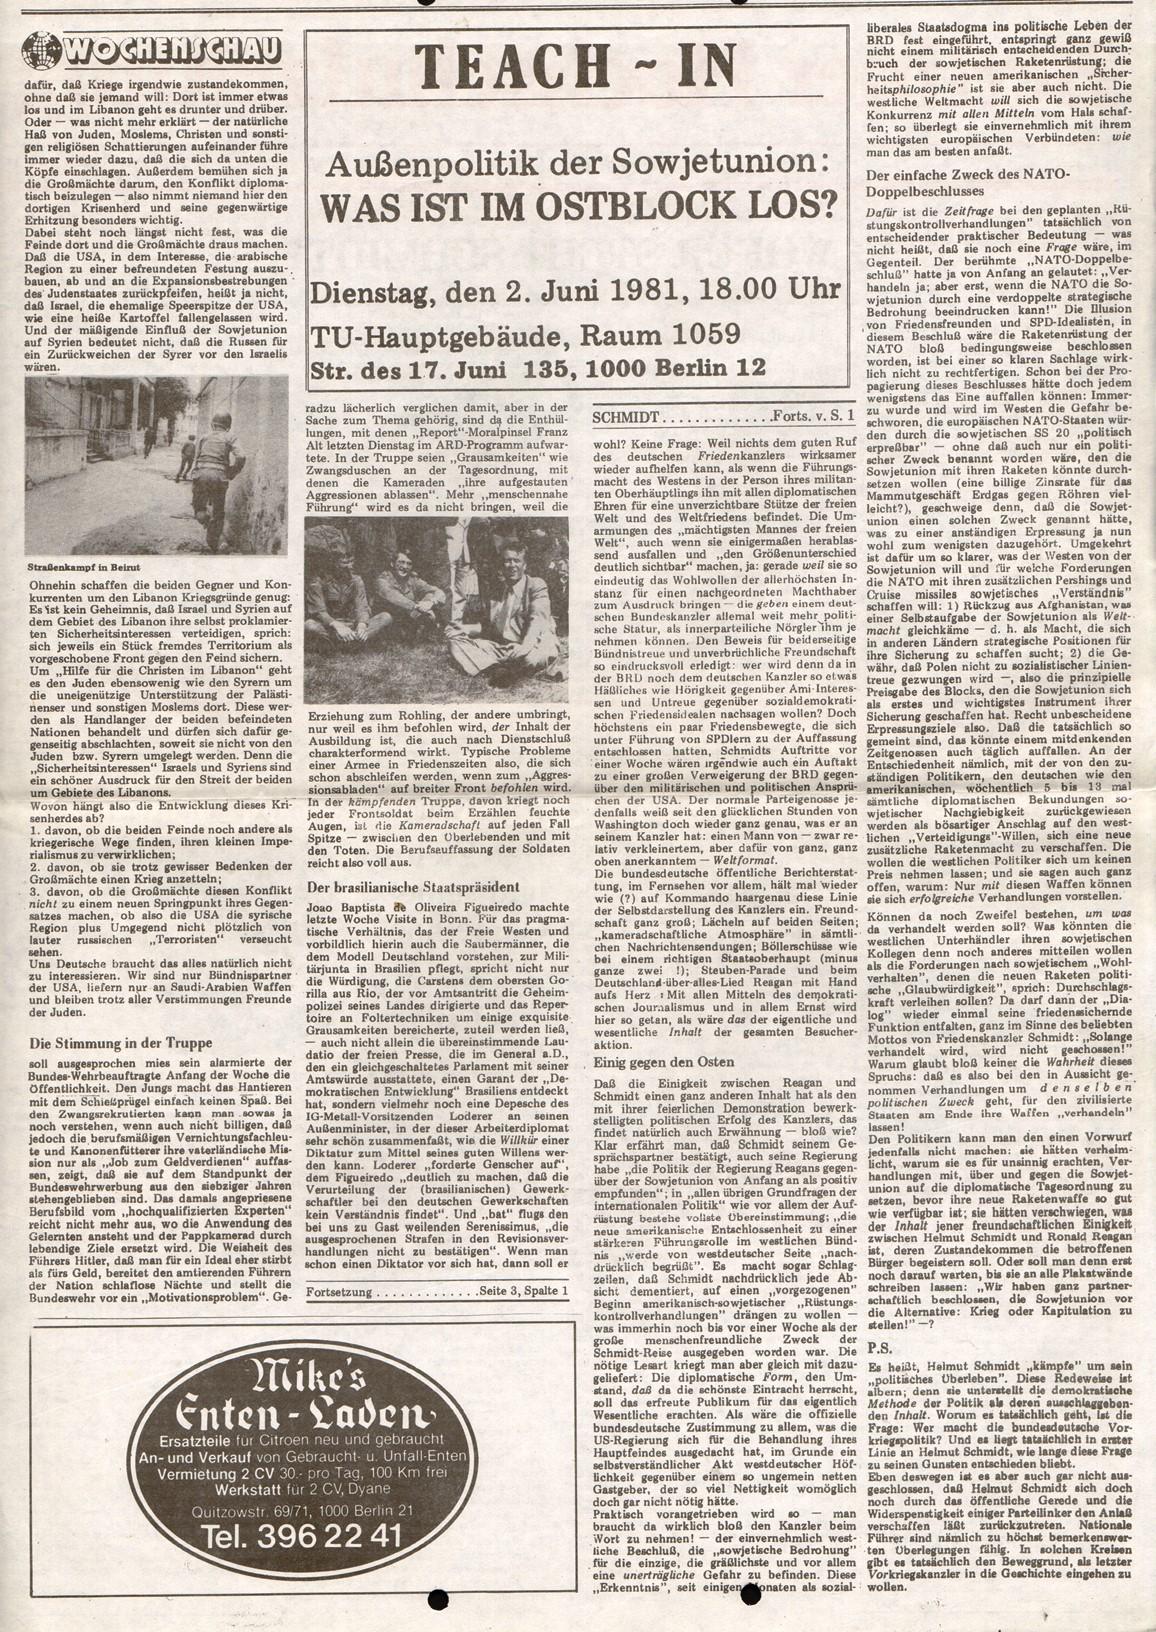 Berlin_MG_Hochschulzeitung_19810526_02